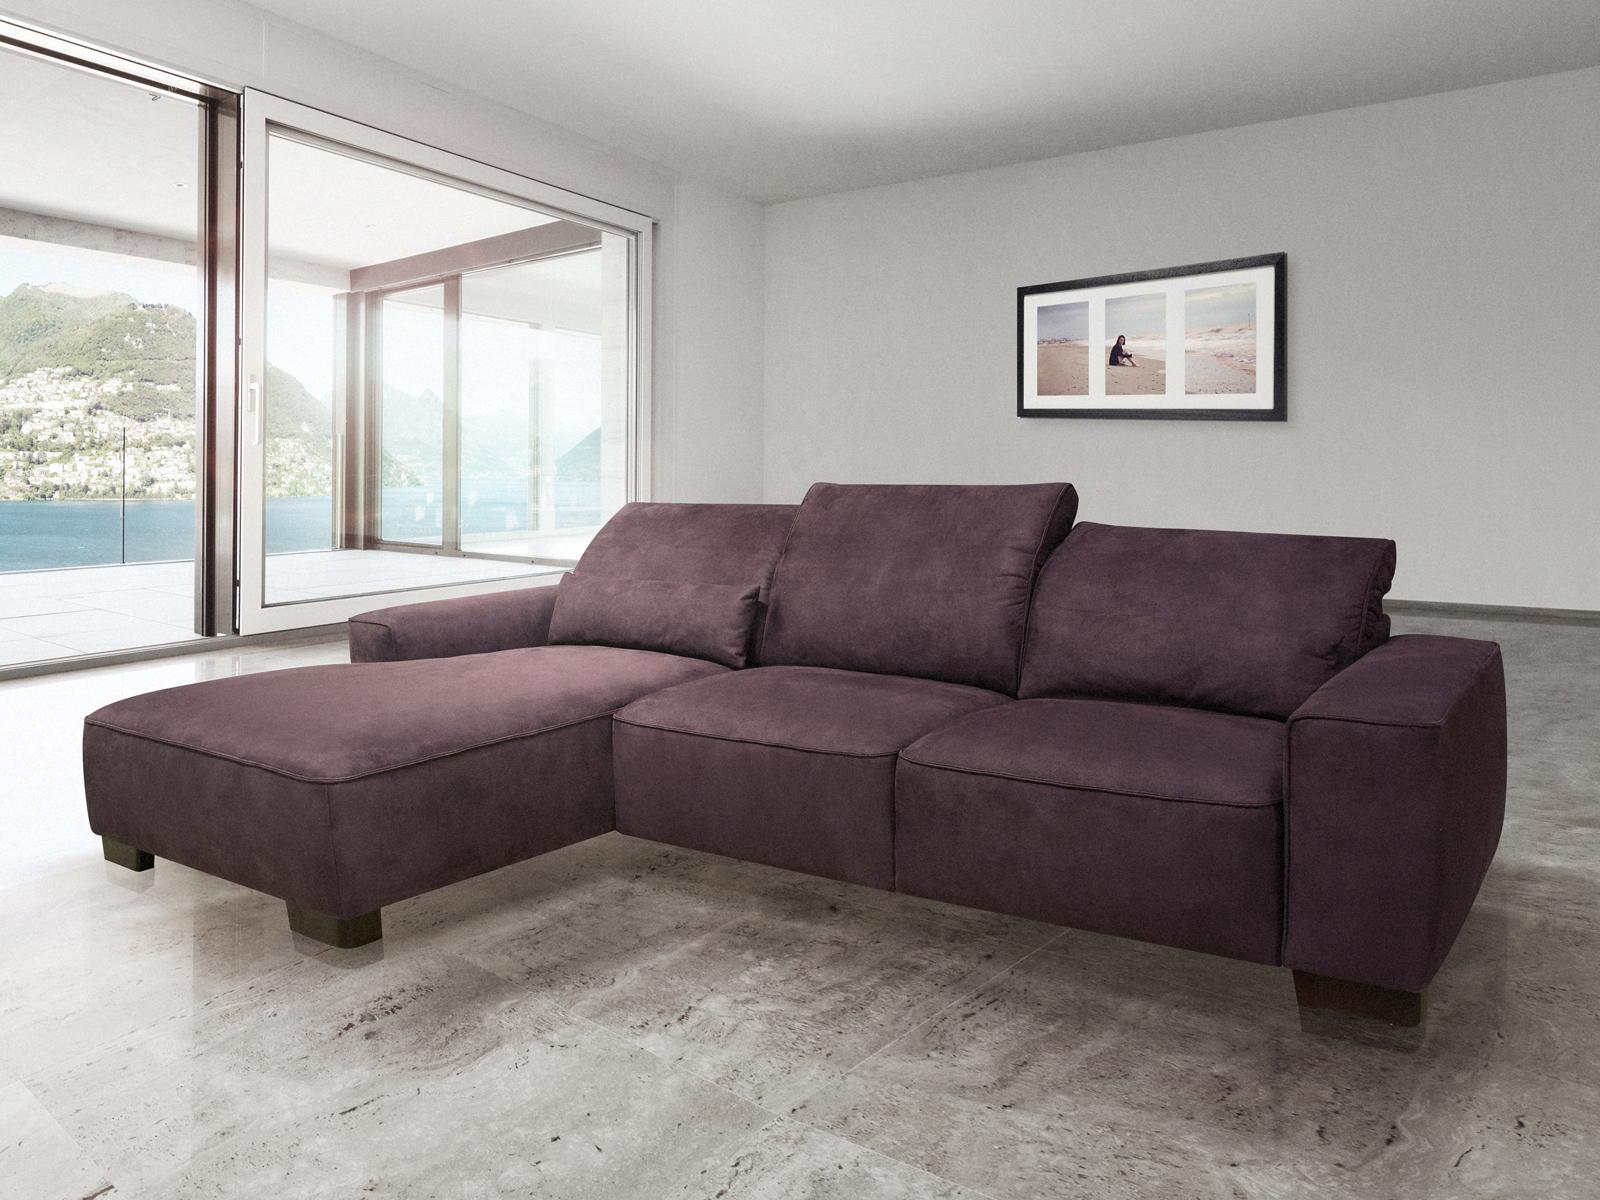 Rohová sedačka - BRW - Capri 2,5 Long (L)